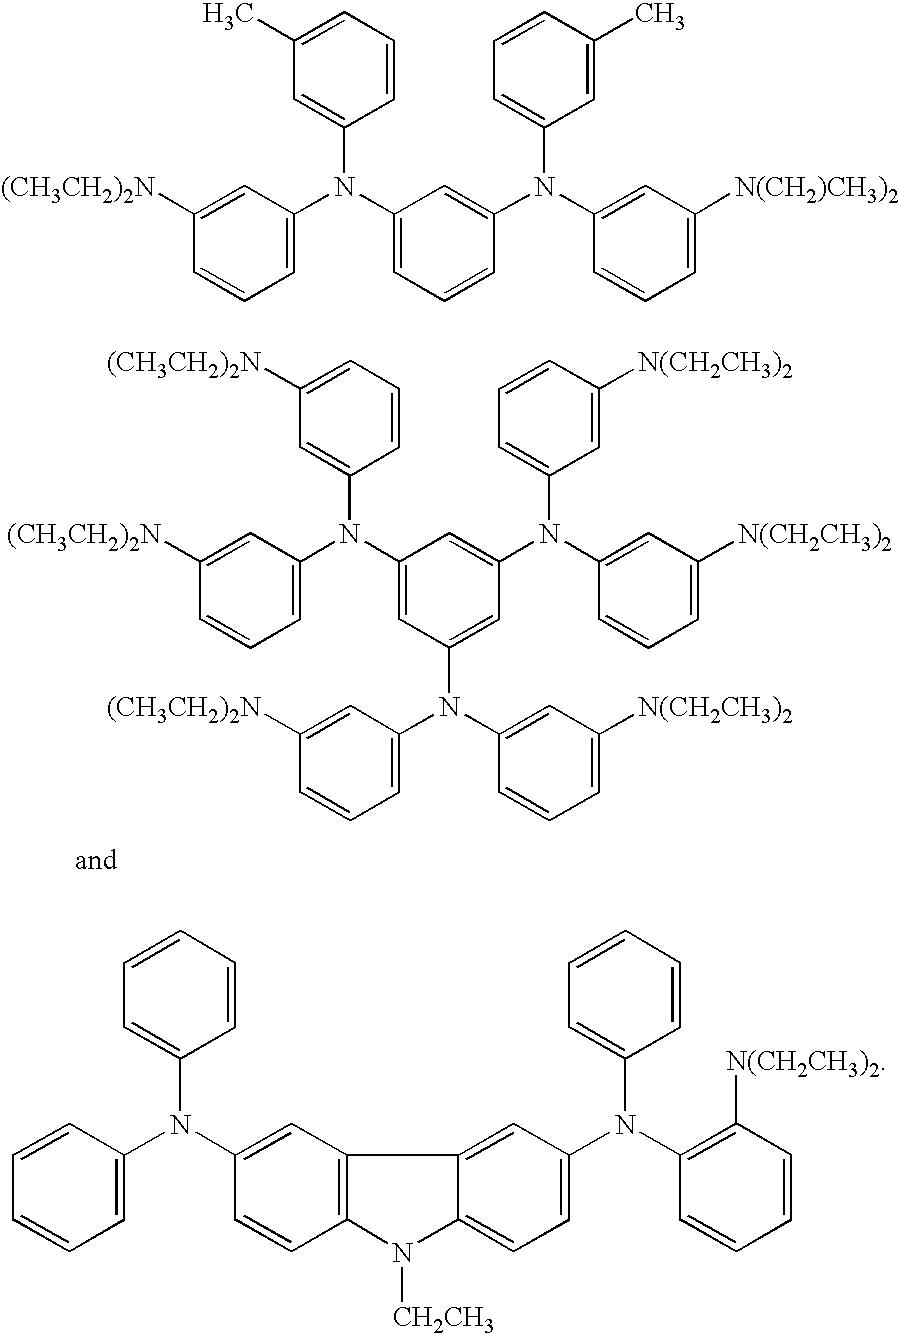 Figure US06861188-20050301-C00228